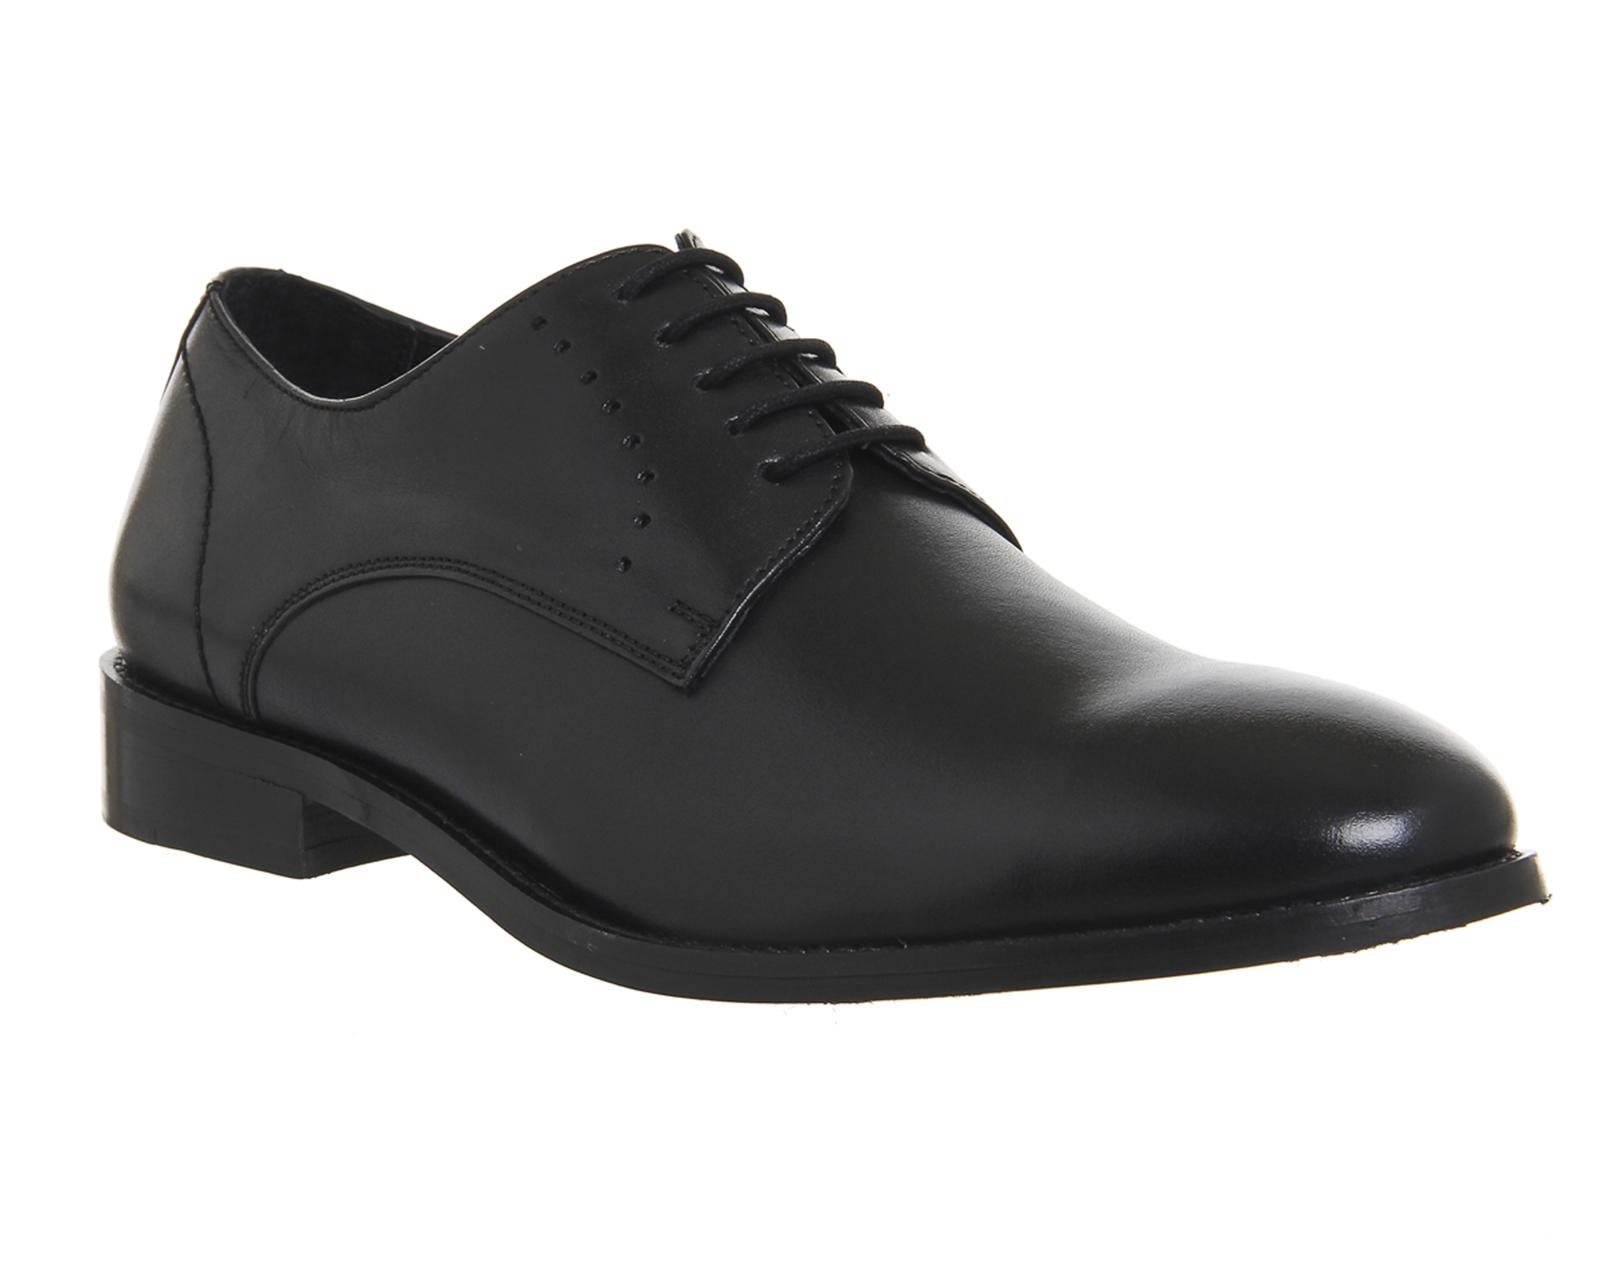 details about mens office envy plain toe black leather formal shoes